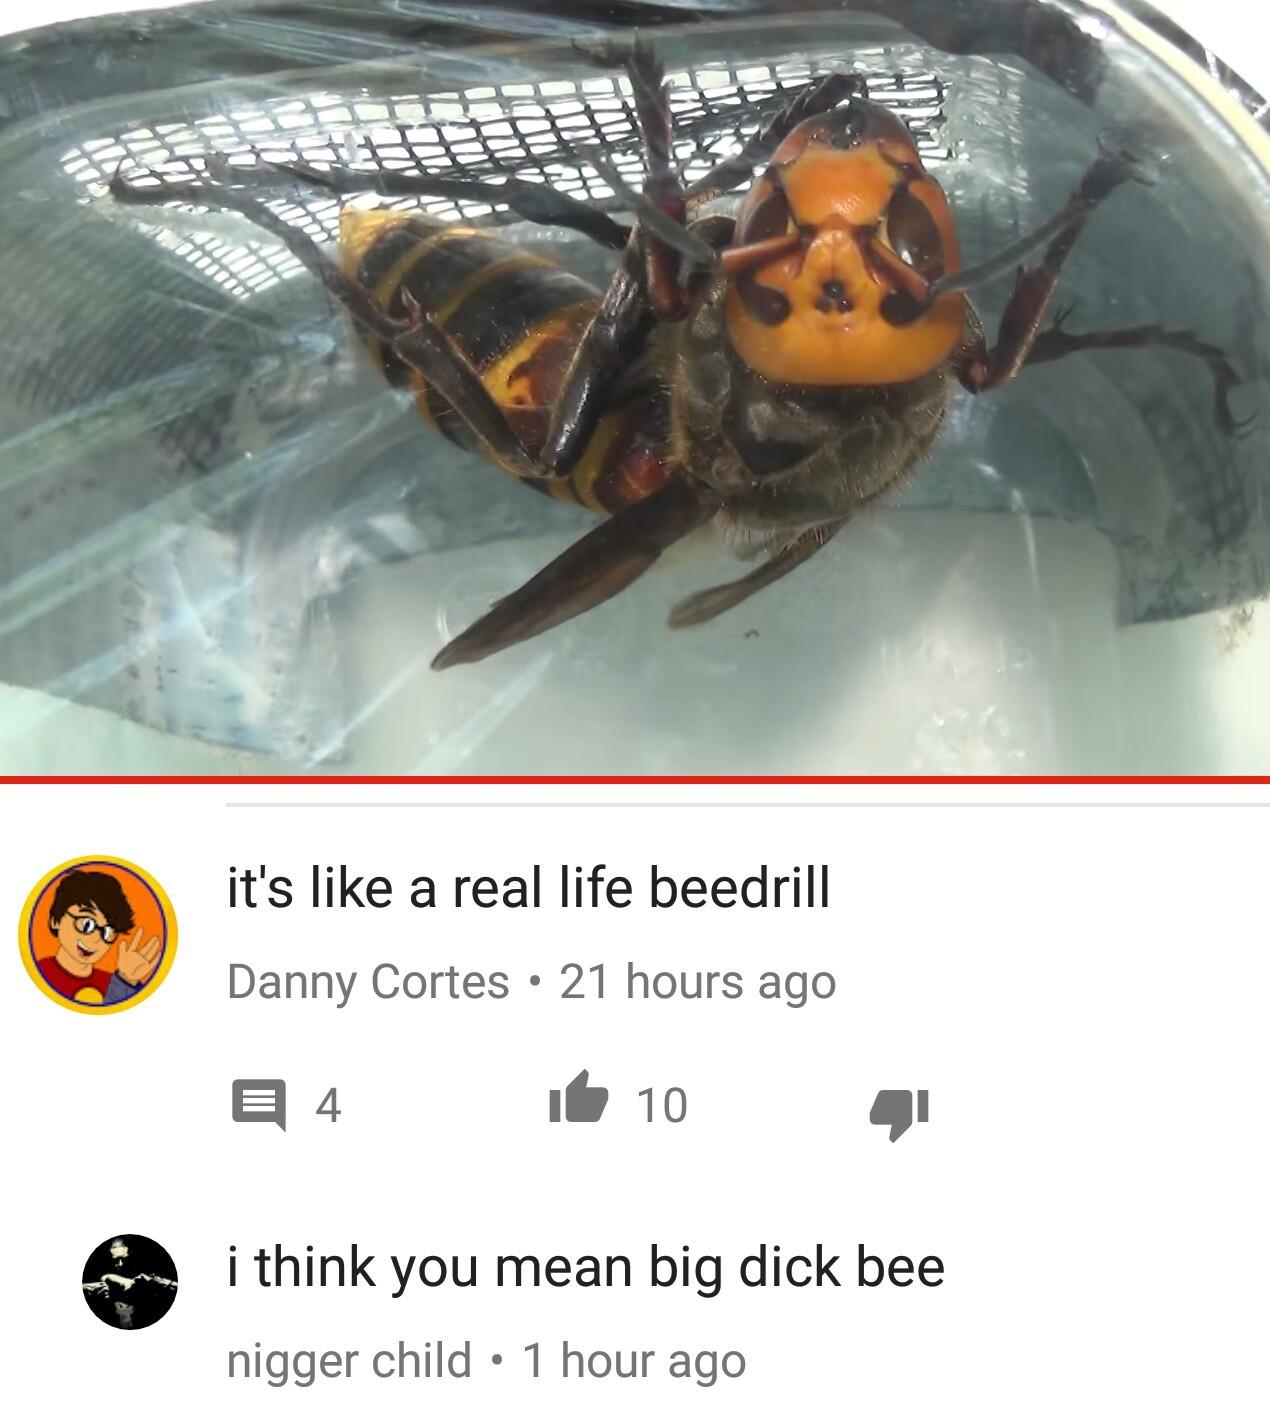 Last comment says it all - meme